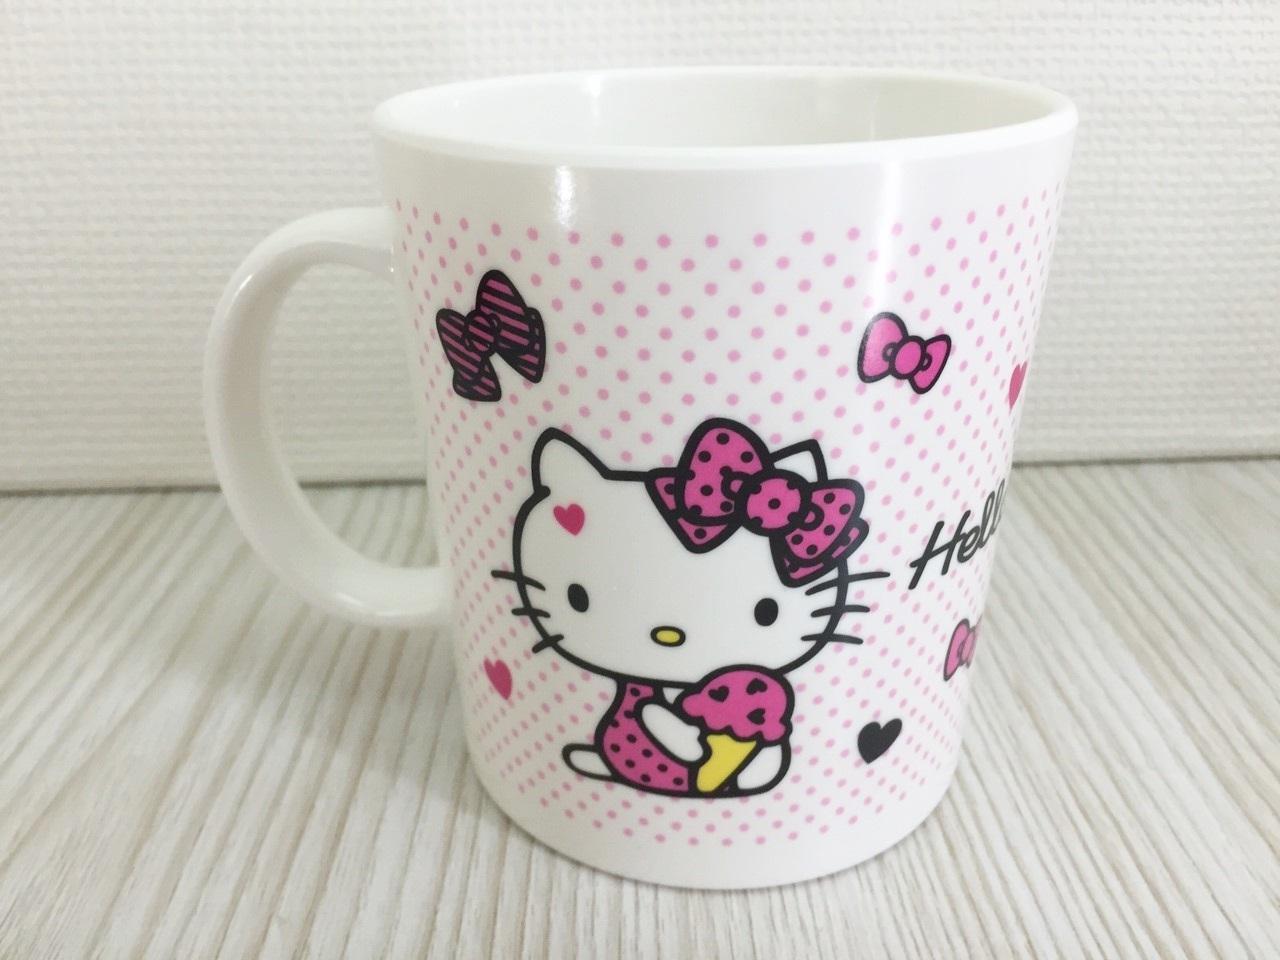 【真愛日本】15120100008馬克杯-多結粉  三麗鷗 Hello Kitty 凱蒂貓   杯子  水杯 馬克杯